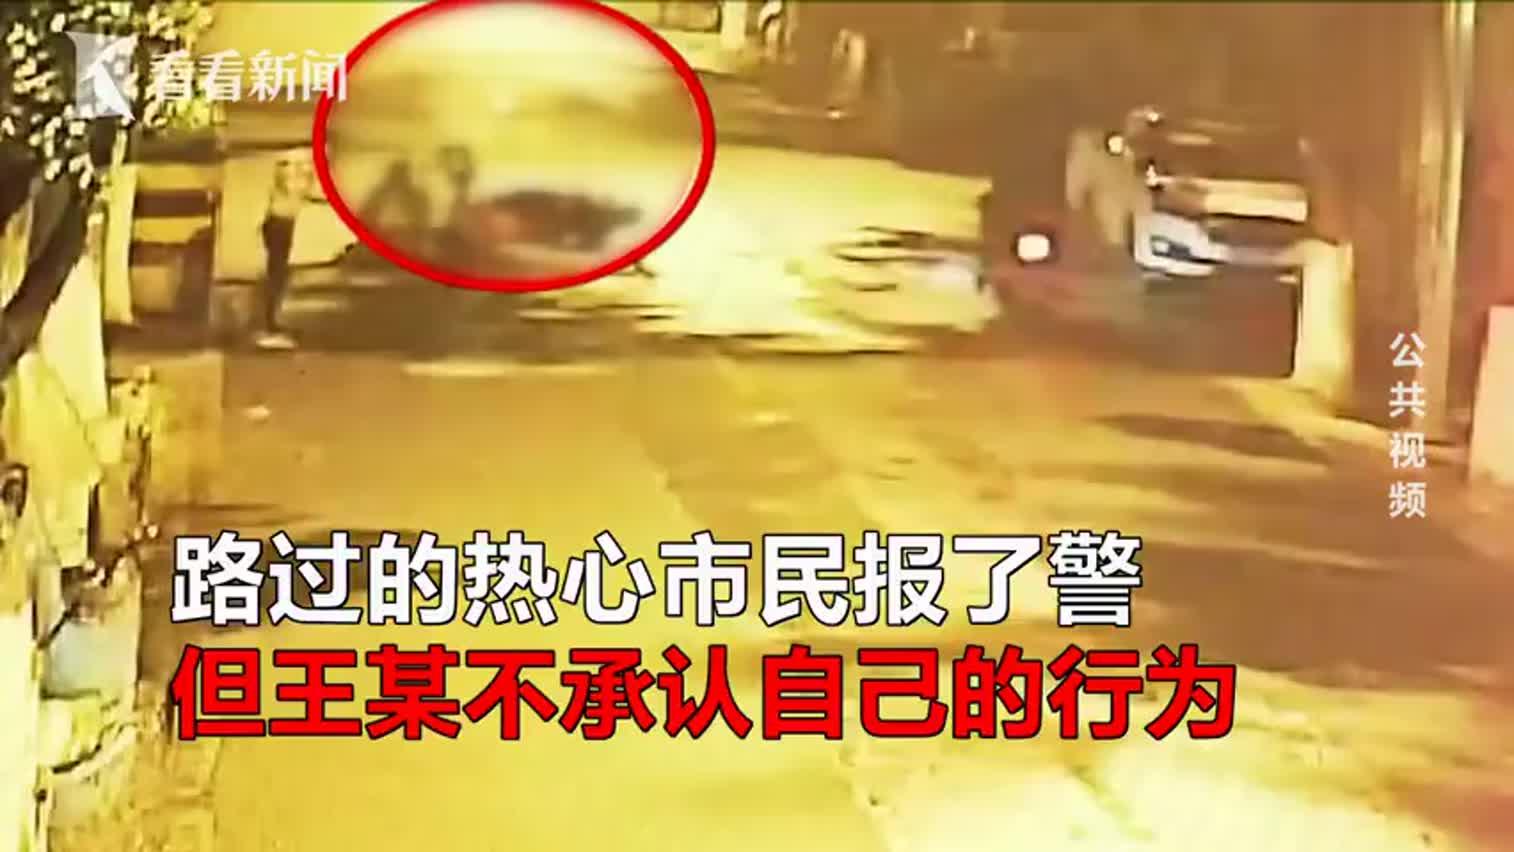 视频:路边遇情侣吵架 女子停下围观被打骨折